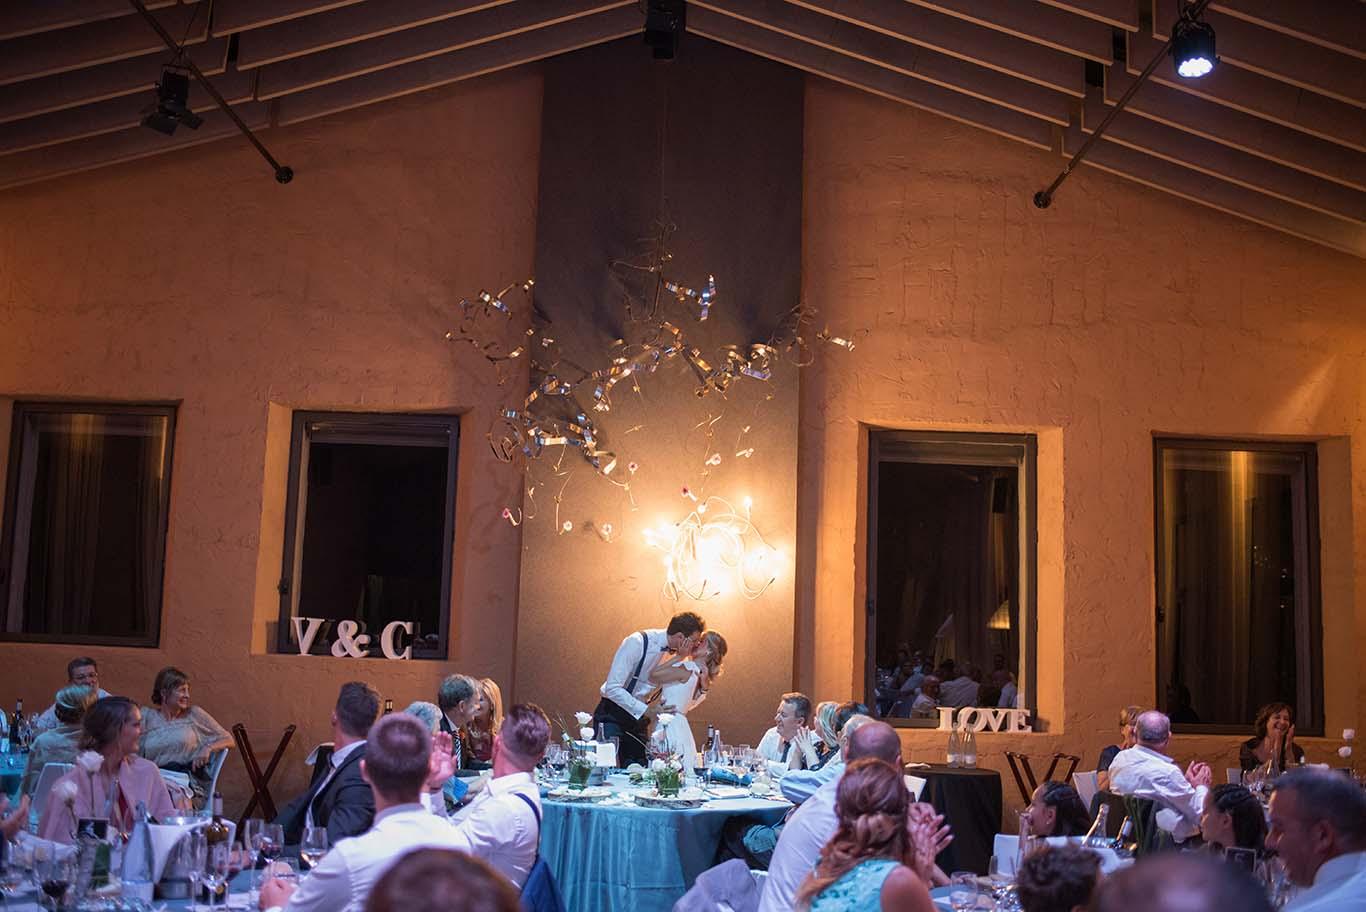 Casaments-ca-nalzina-espai-gastronomia84